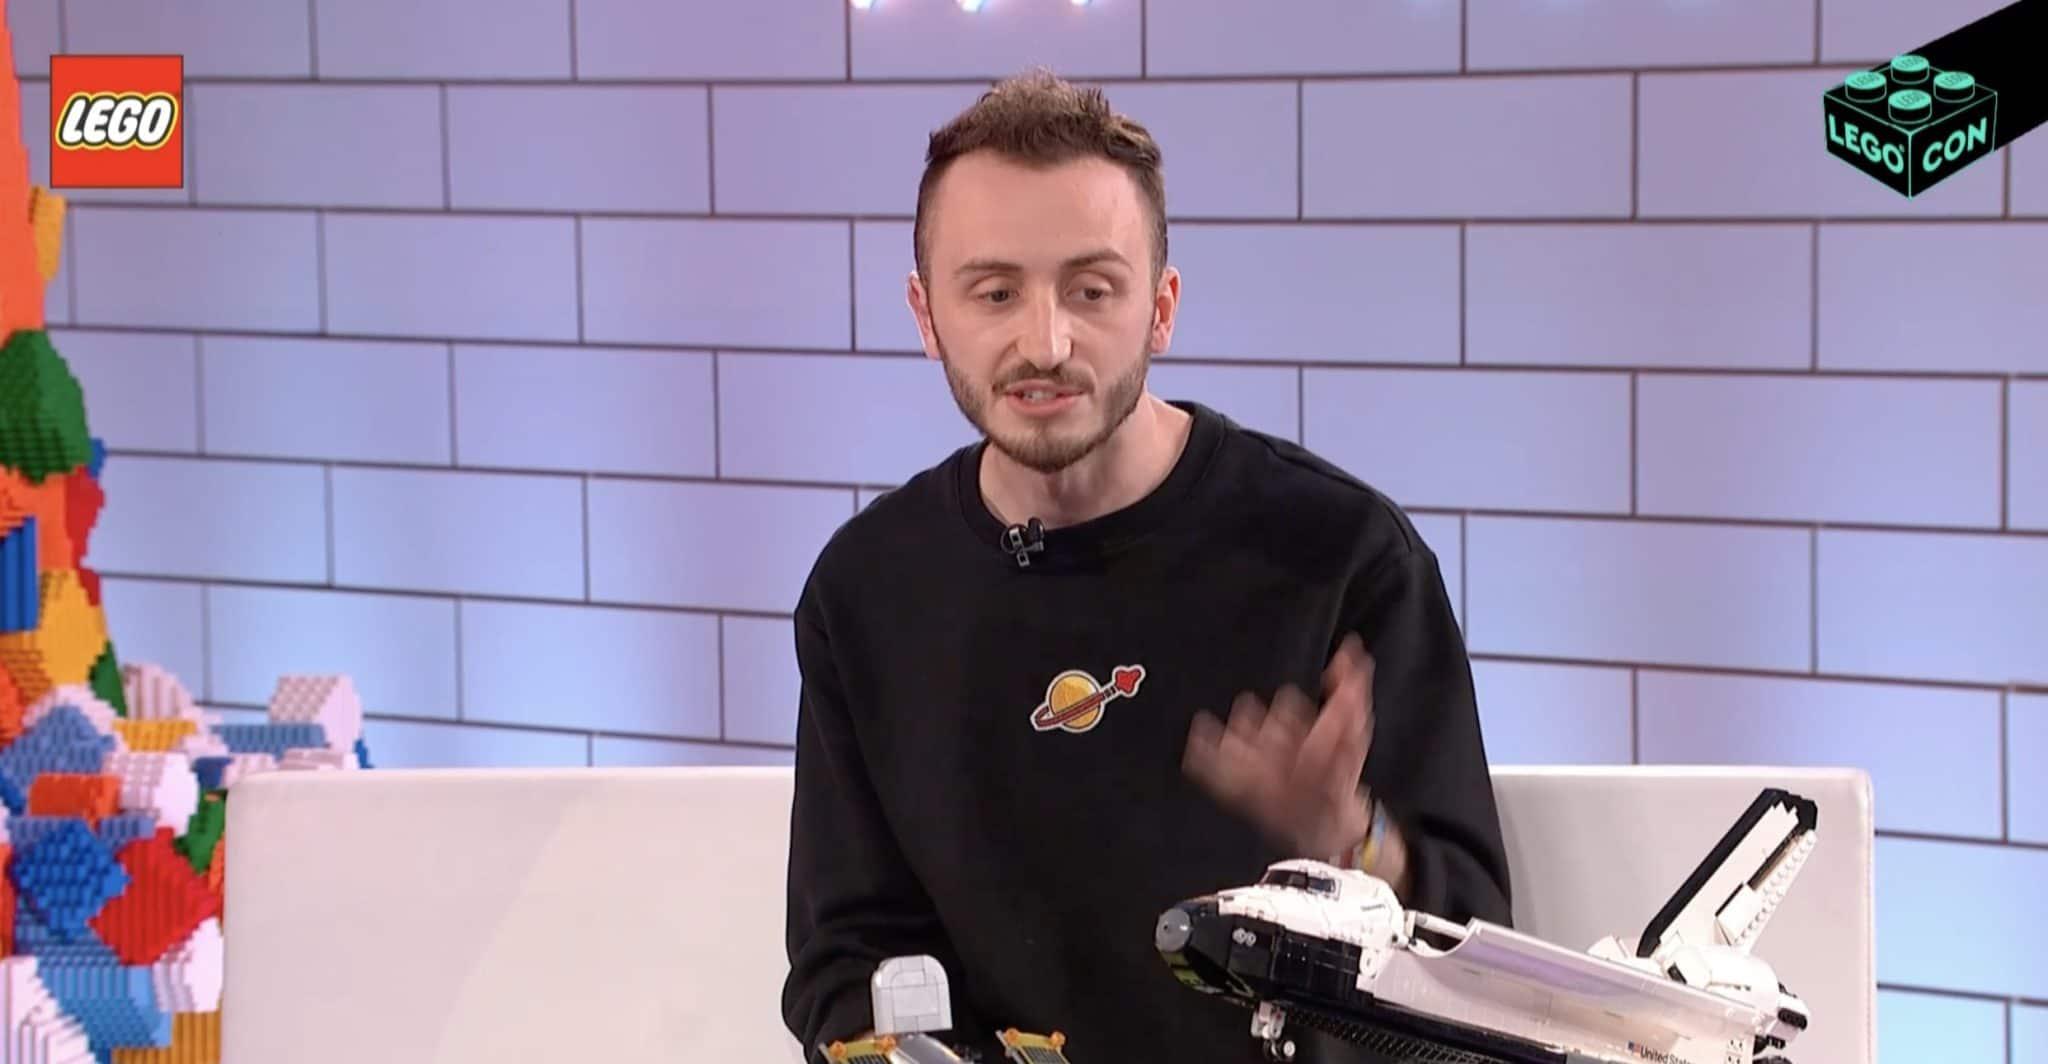 LEGO Con Screenshot 2